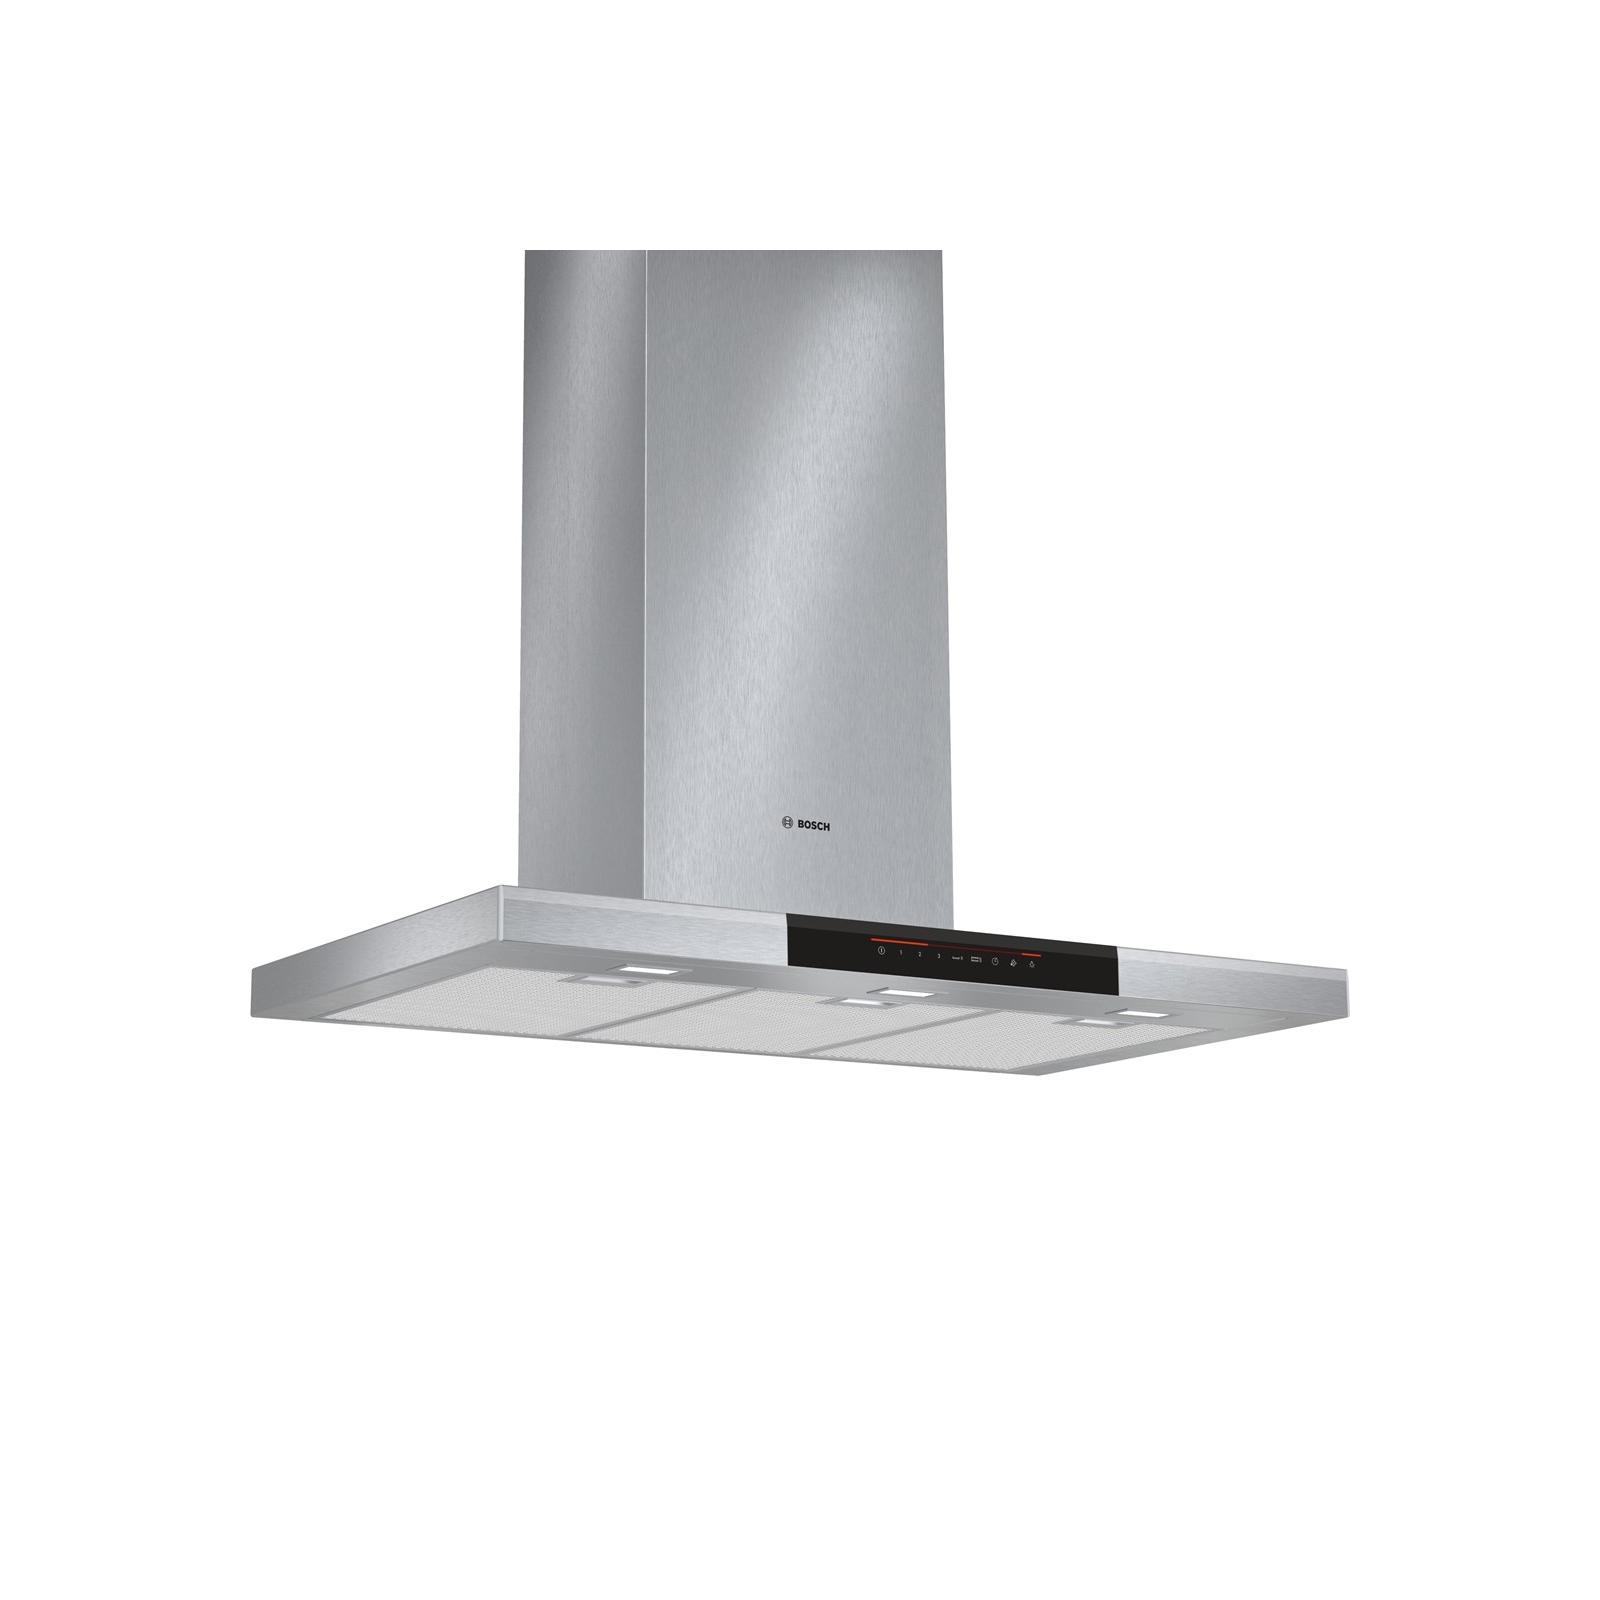 Вытяжка кухонная BOSCH DWB 097 J50 (DWB097J50)